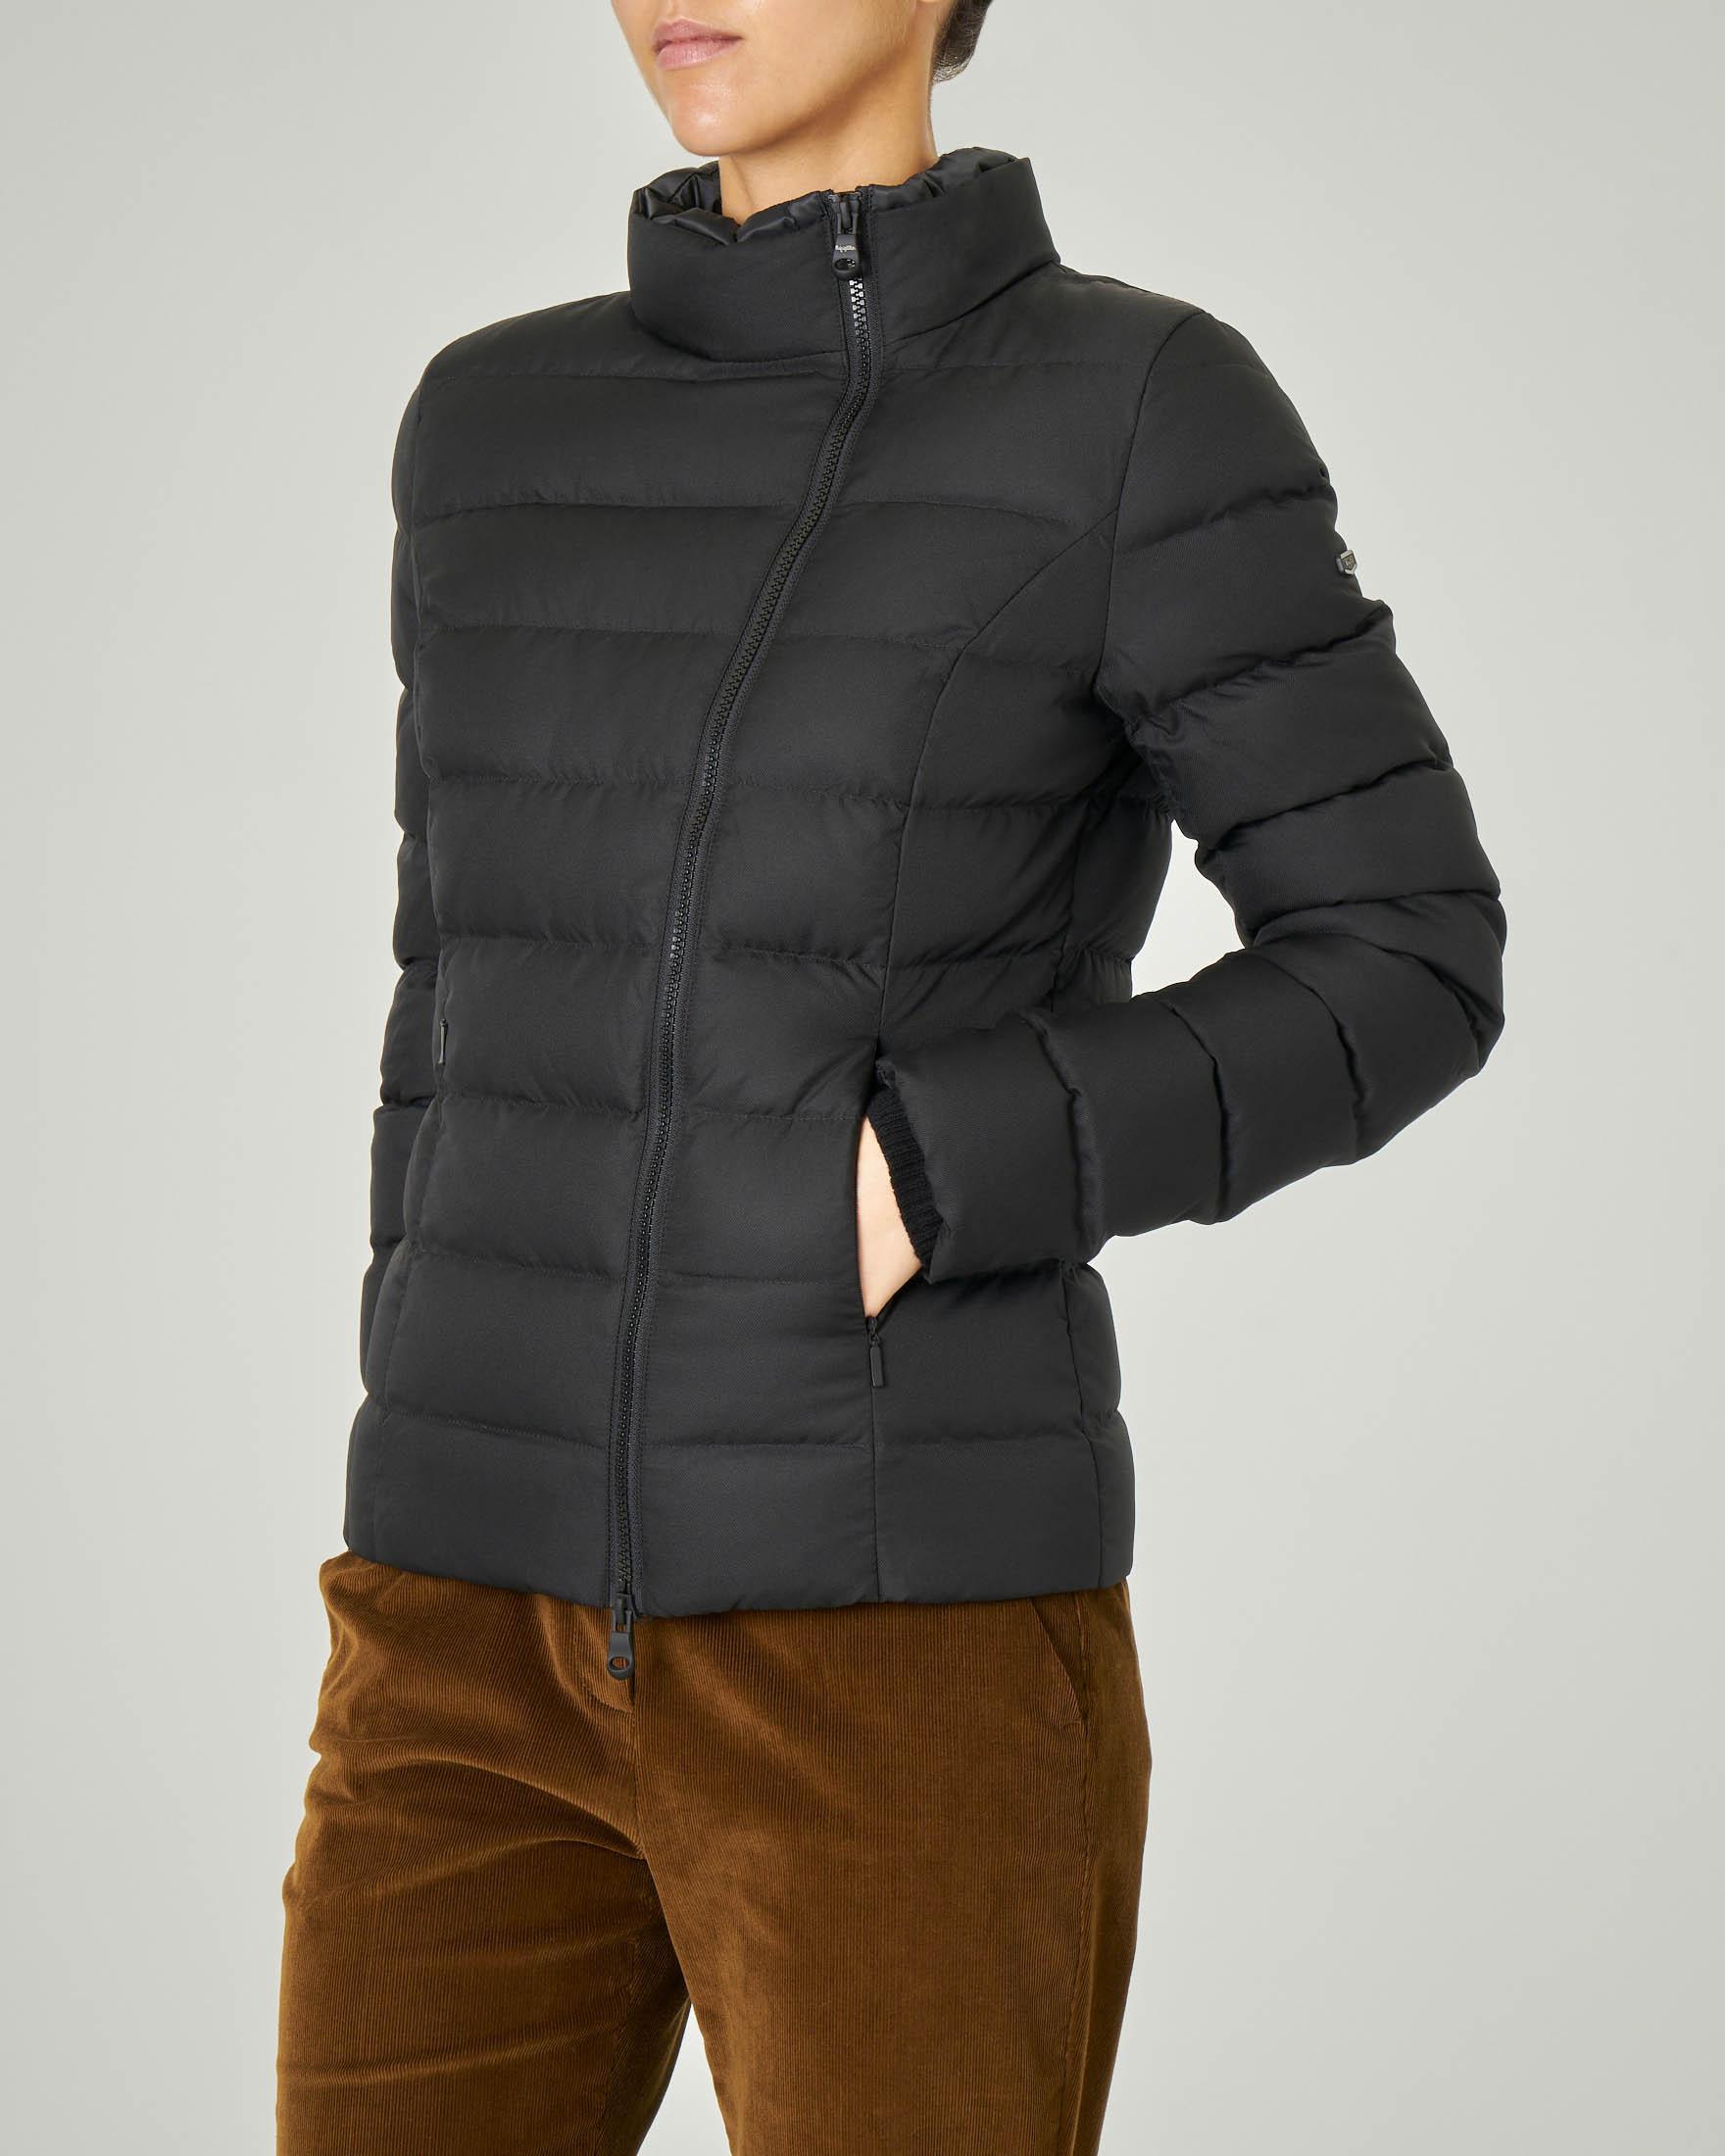 Piumino corto nero modello Lisa Jacket con chiusura laterale